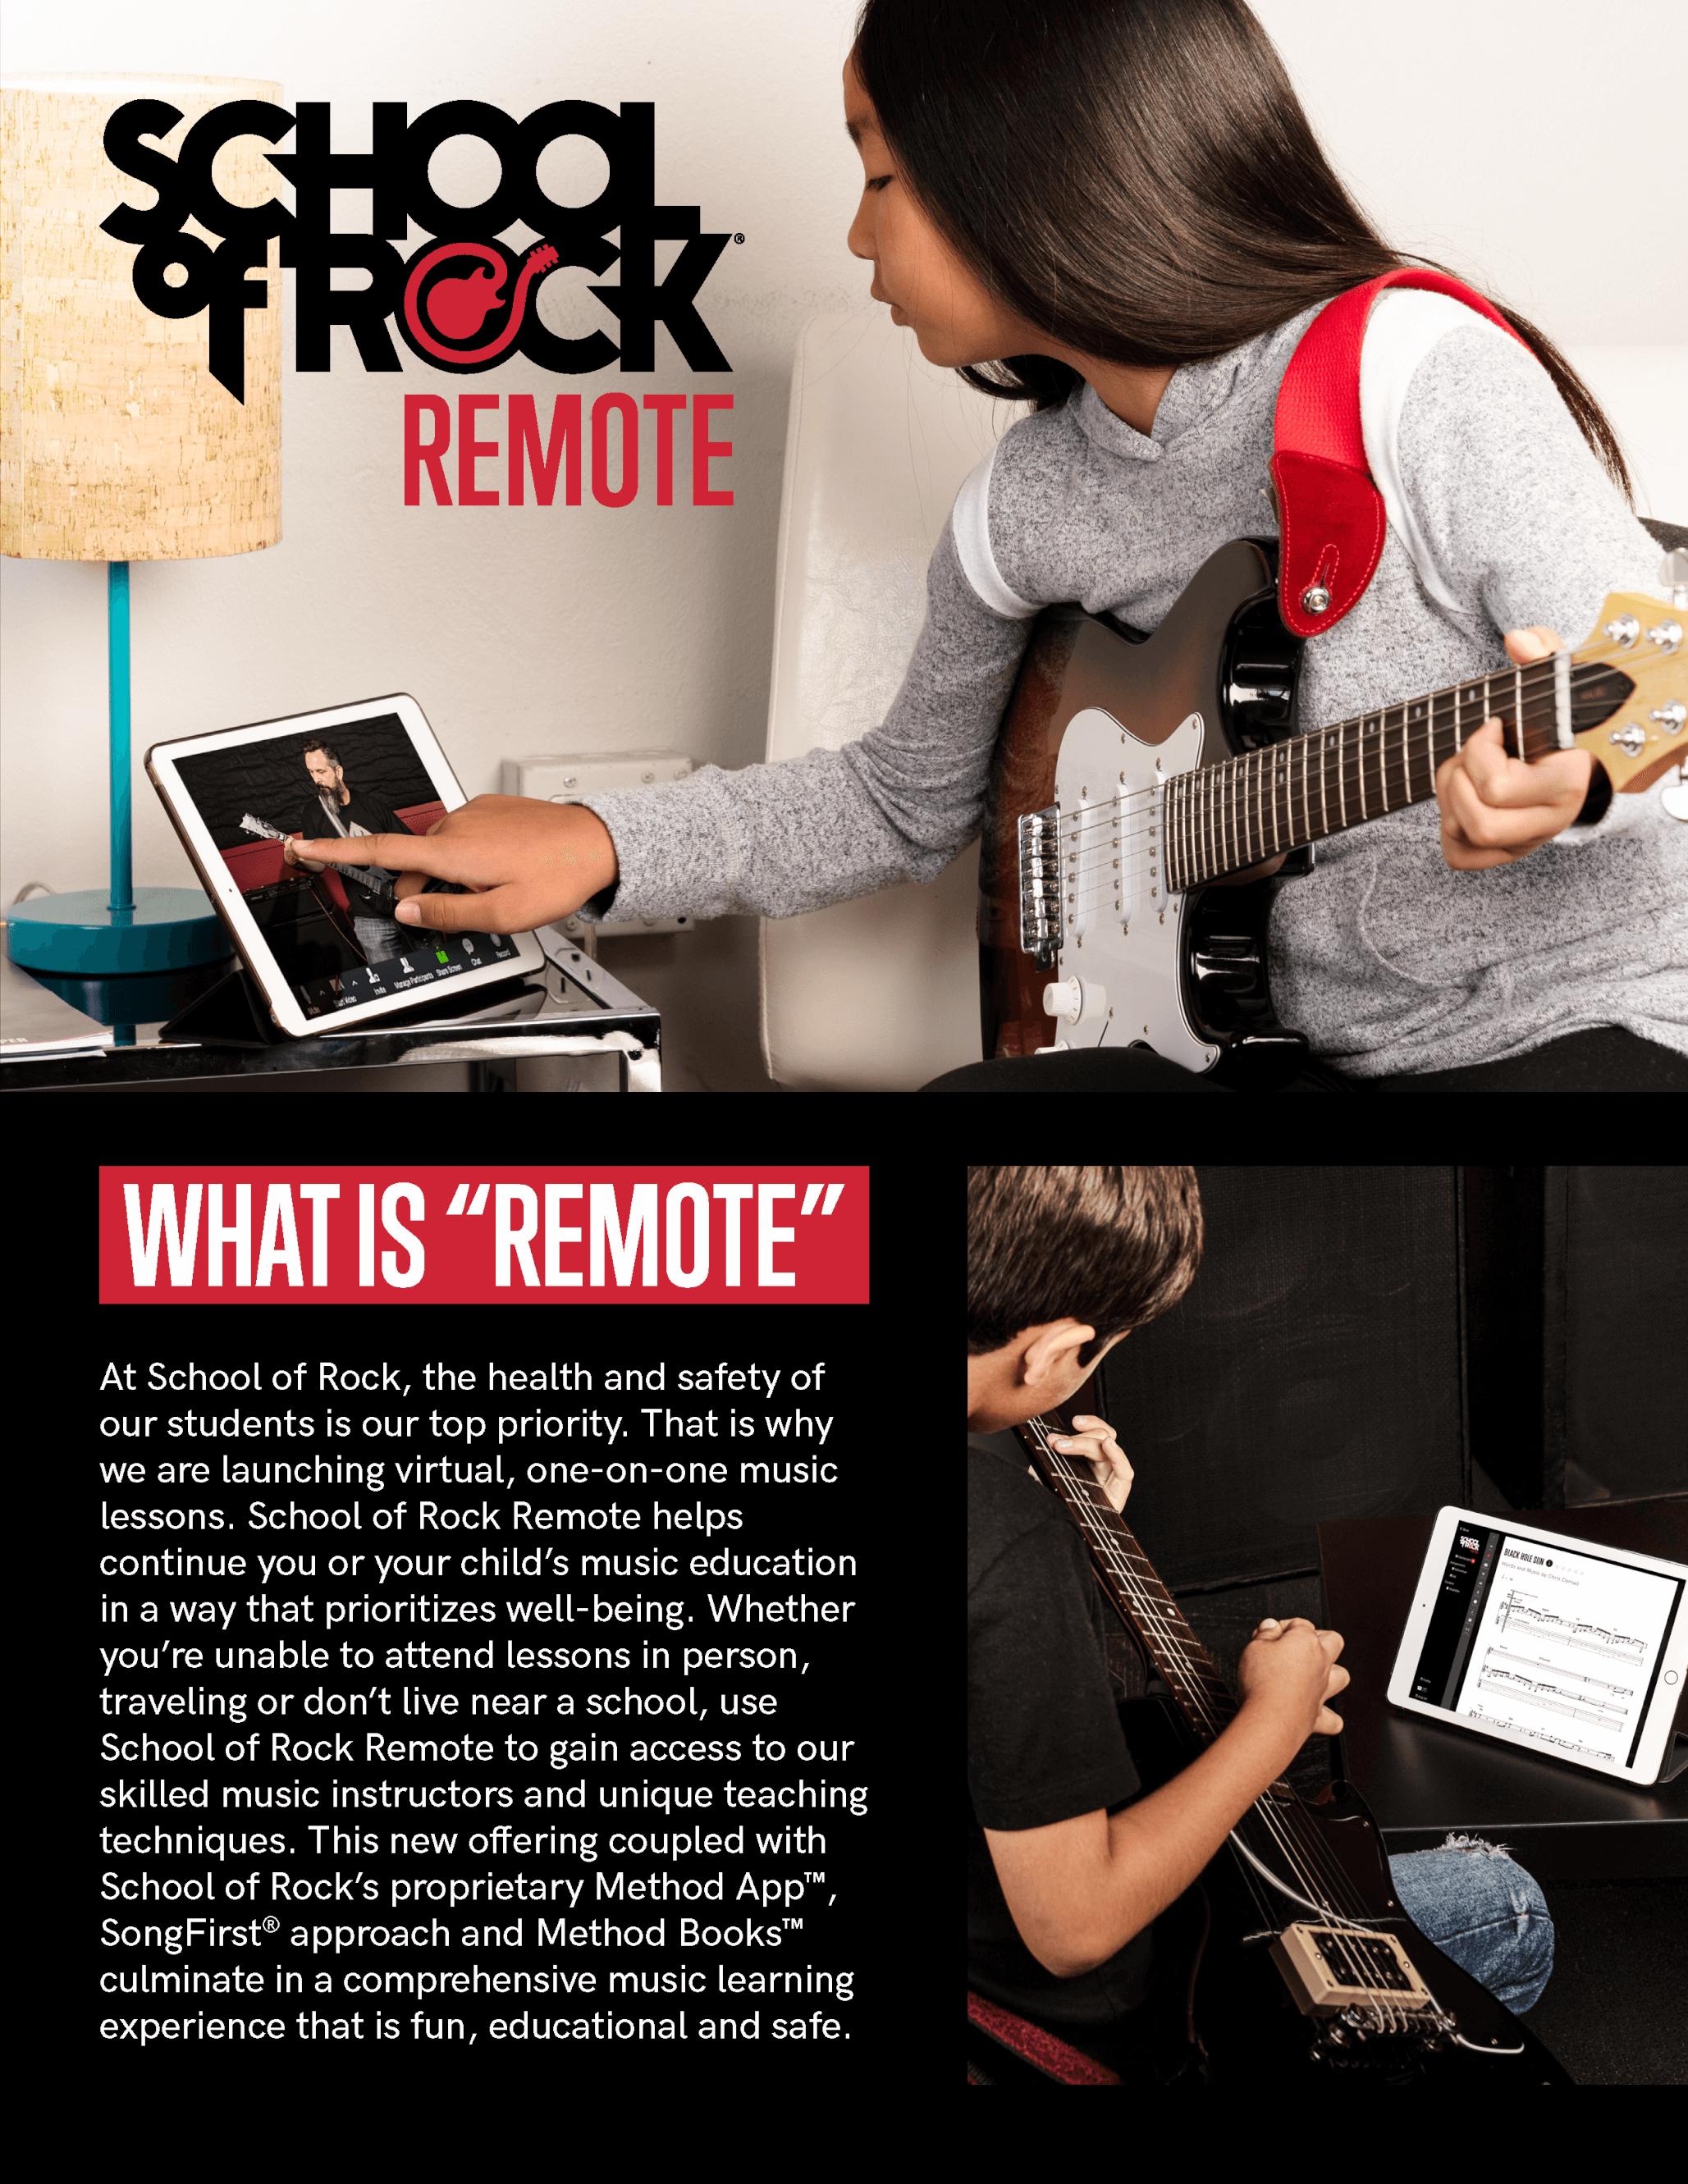 School of Rock Remote